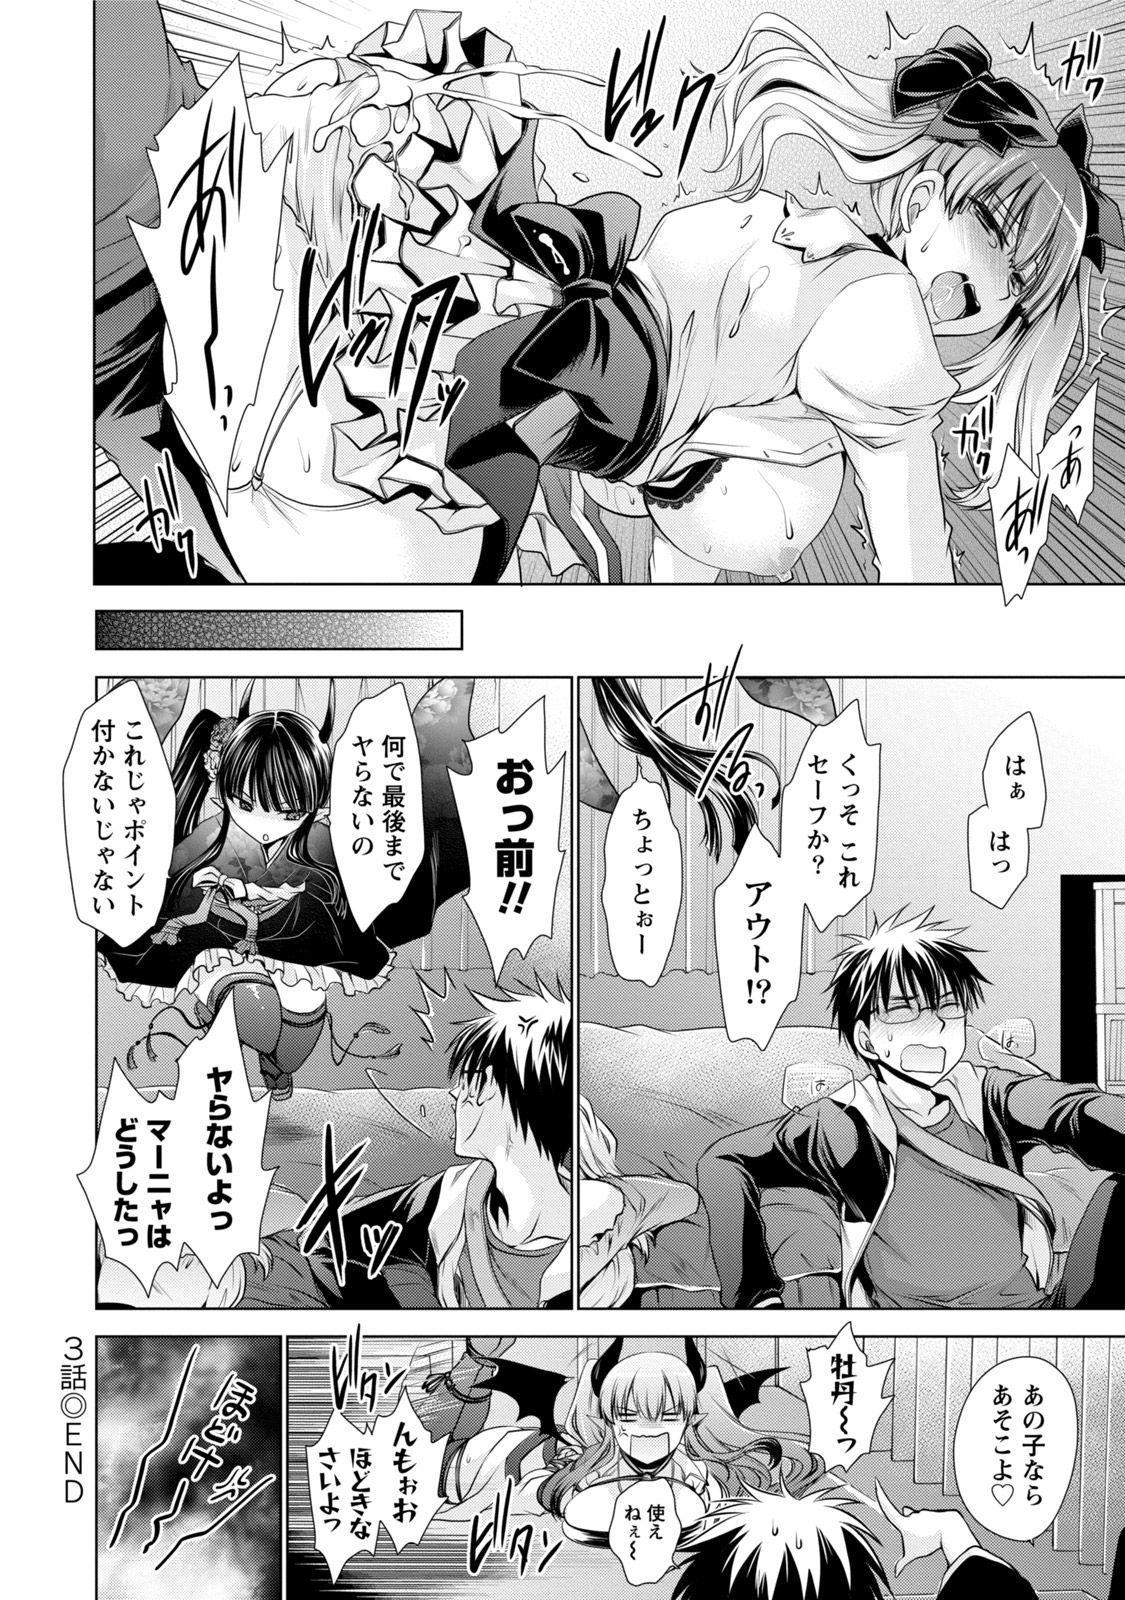 Ore to Kanojo to Owaru Sekai - World's end LoveStory 1 64